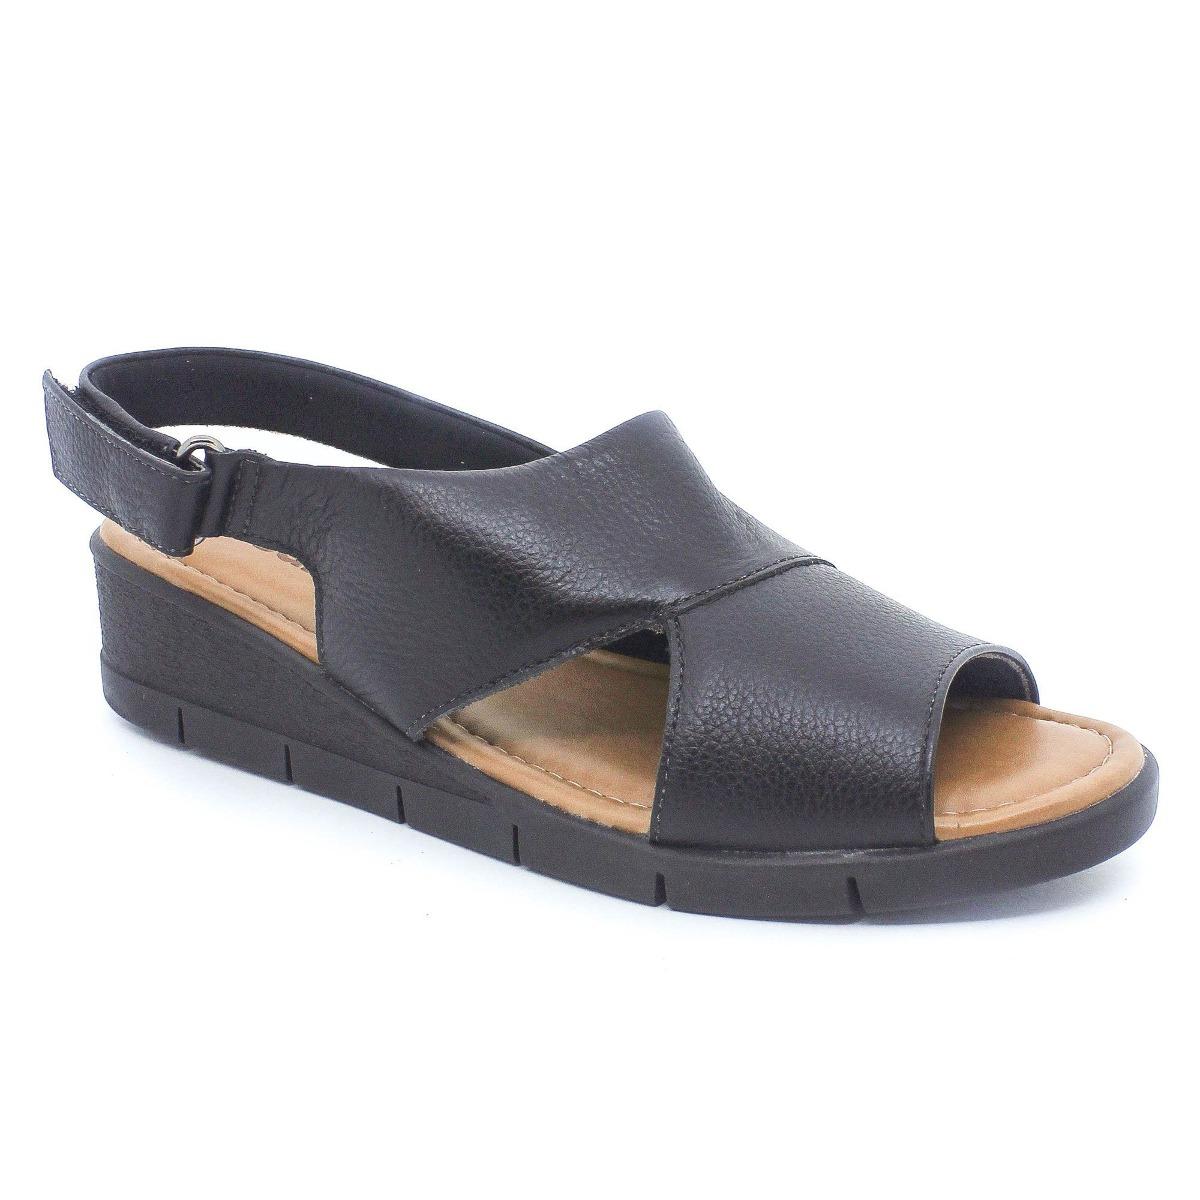 17c4dab717 sandália usaflex super conforto preta coleção verão 2019. Carregando zoom.